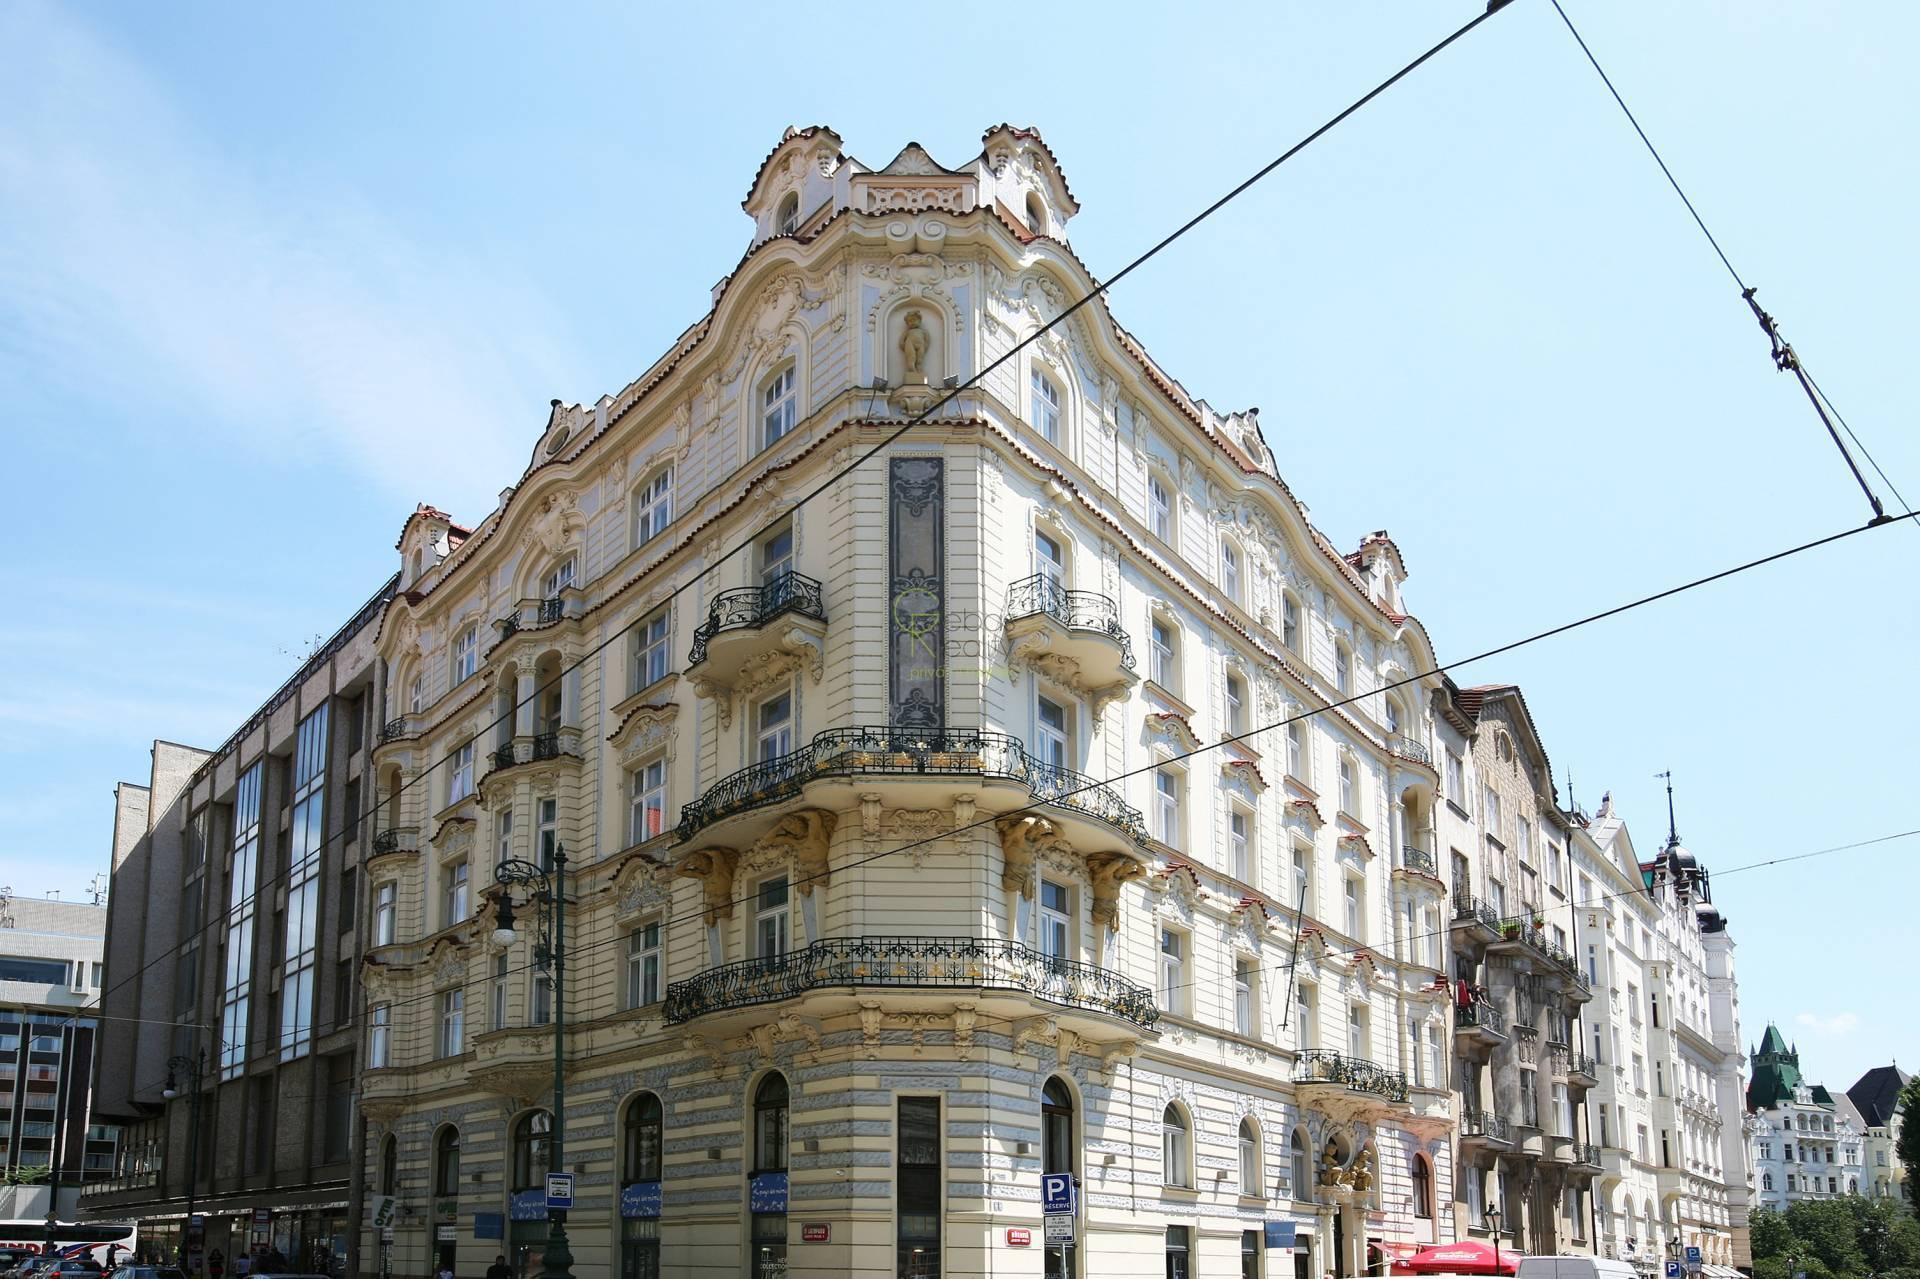 Pronájem kanceláře 73m2 - Břehová, Praha 1